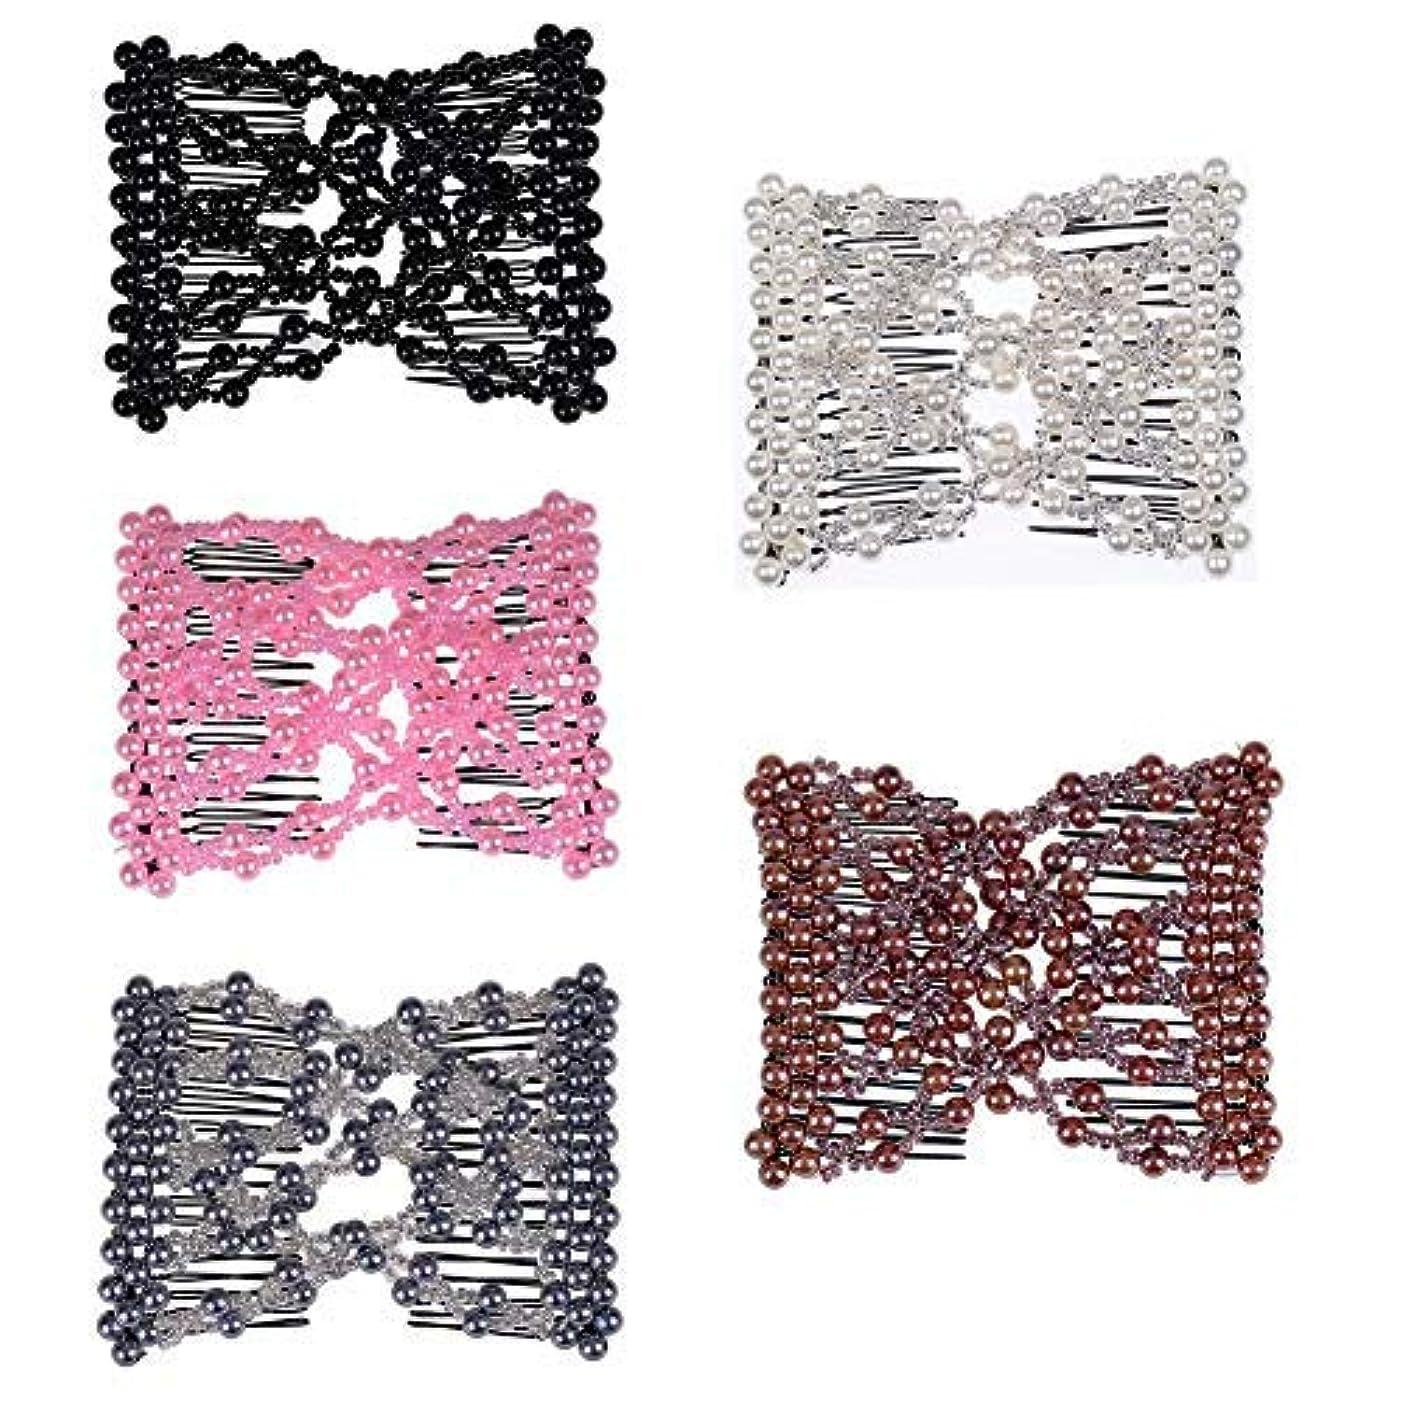 土器相関する第三Casualfashion 5Pcs Ez Stretch Beaded Hair Combs Double Magic Slide Metal Comb Clip Hairpins for Women Hair Styling...